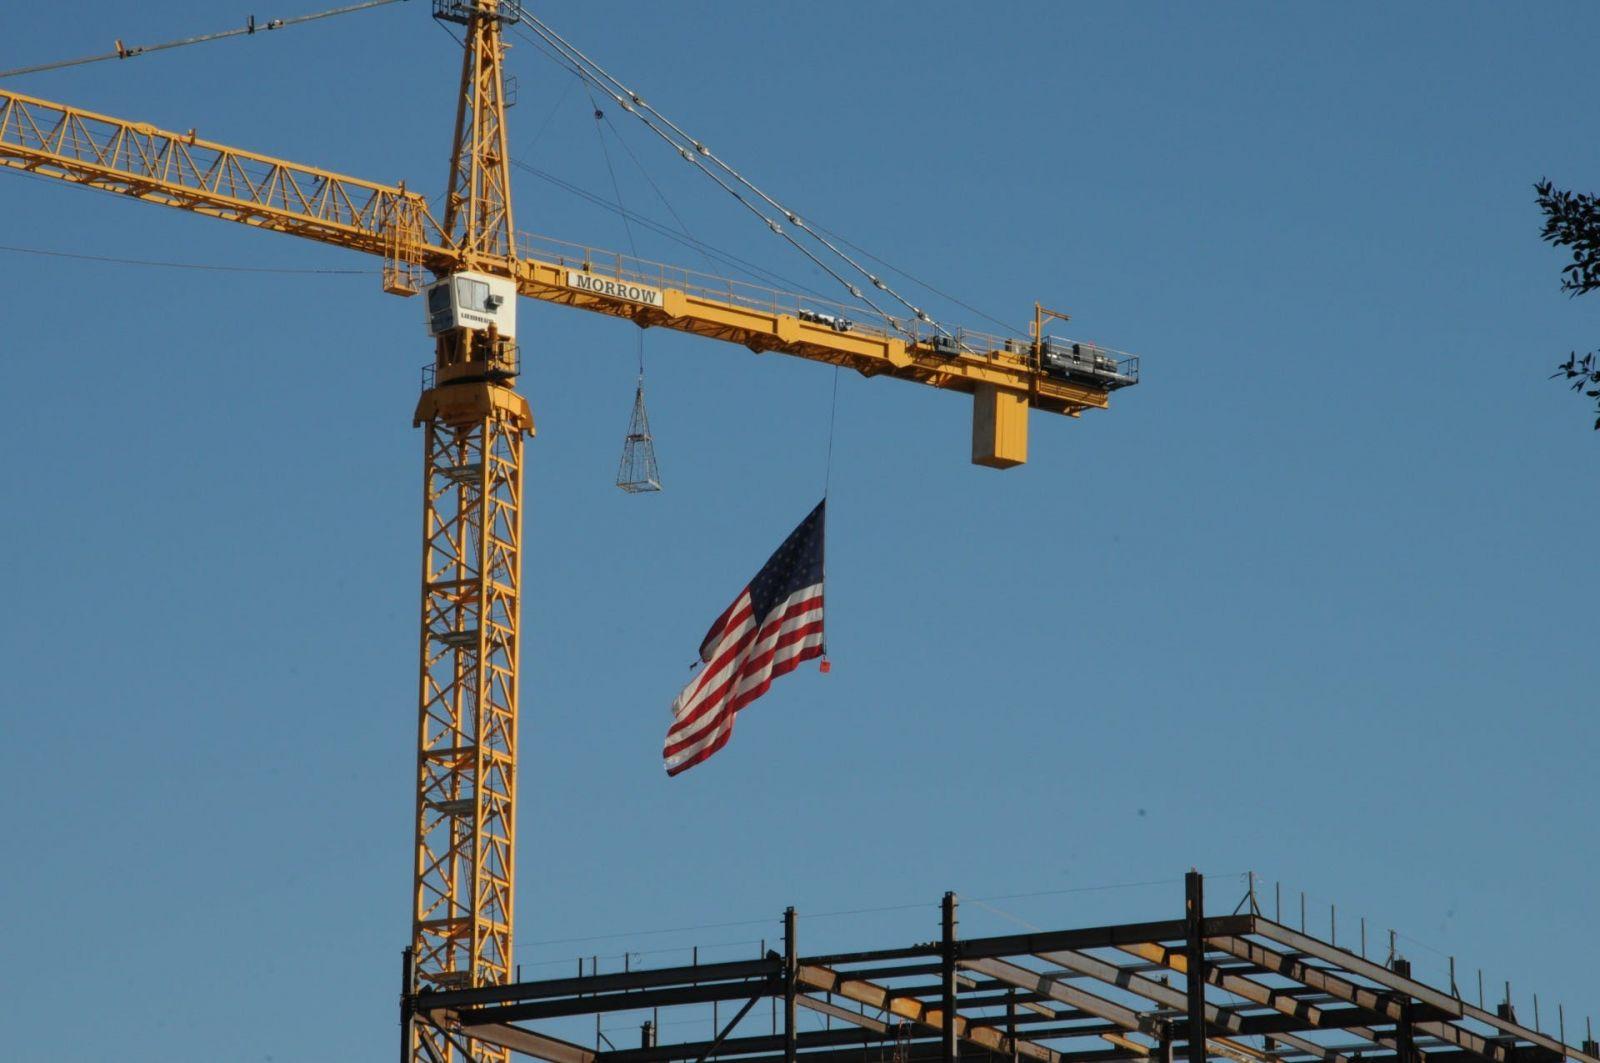 В США началась первая с 2009 года рецессия